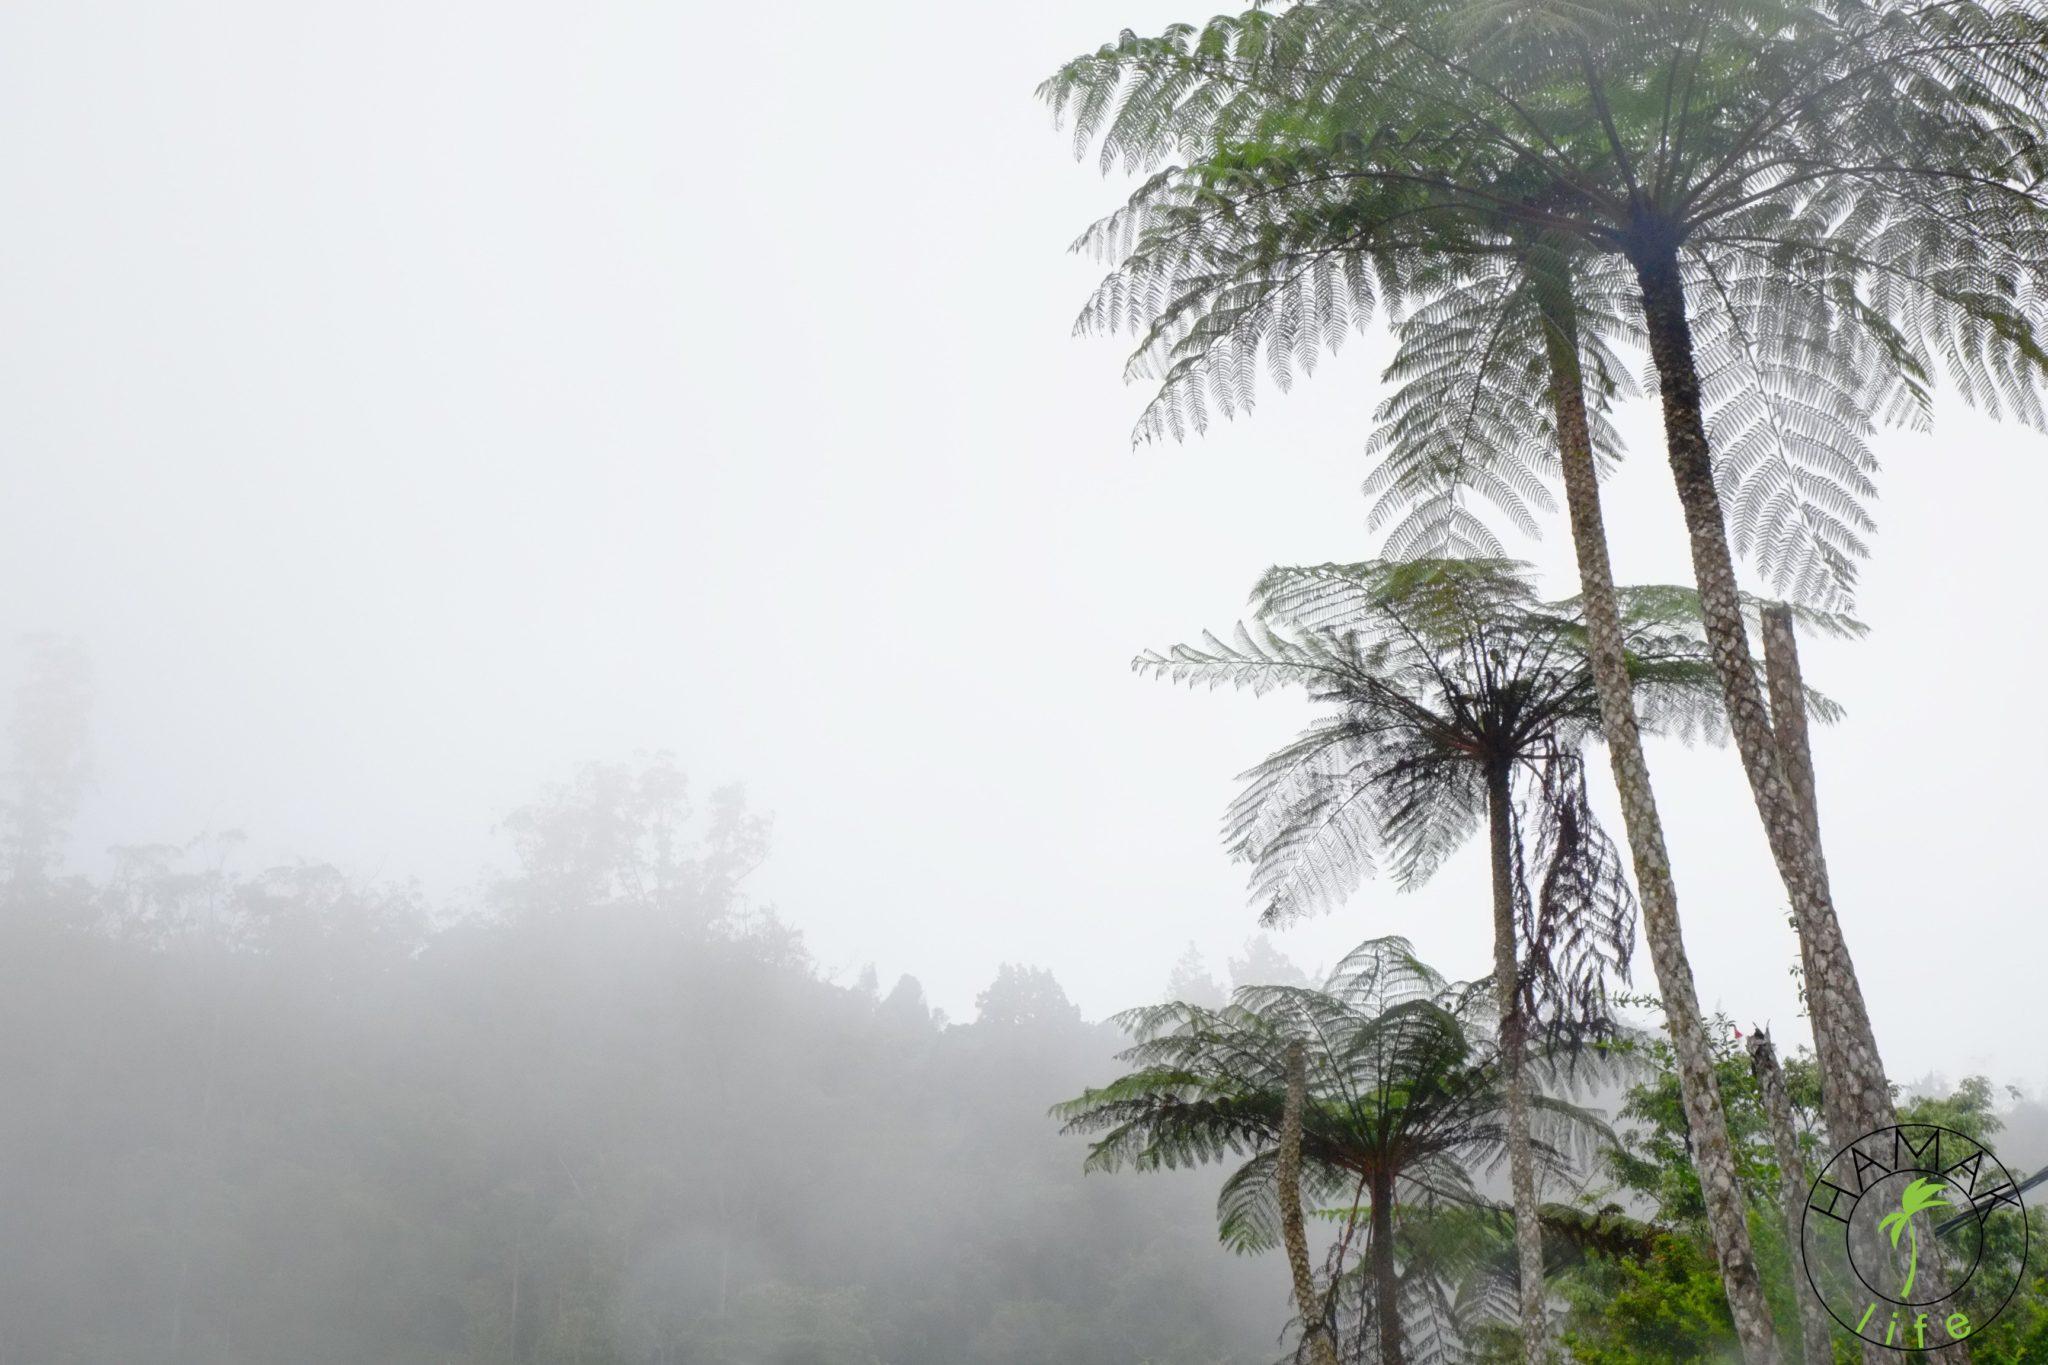 Mgła w Cameron Highlands. Opowieść malezyjska.